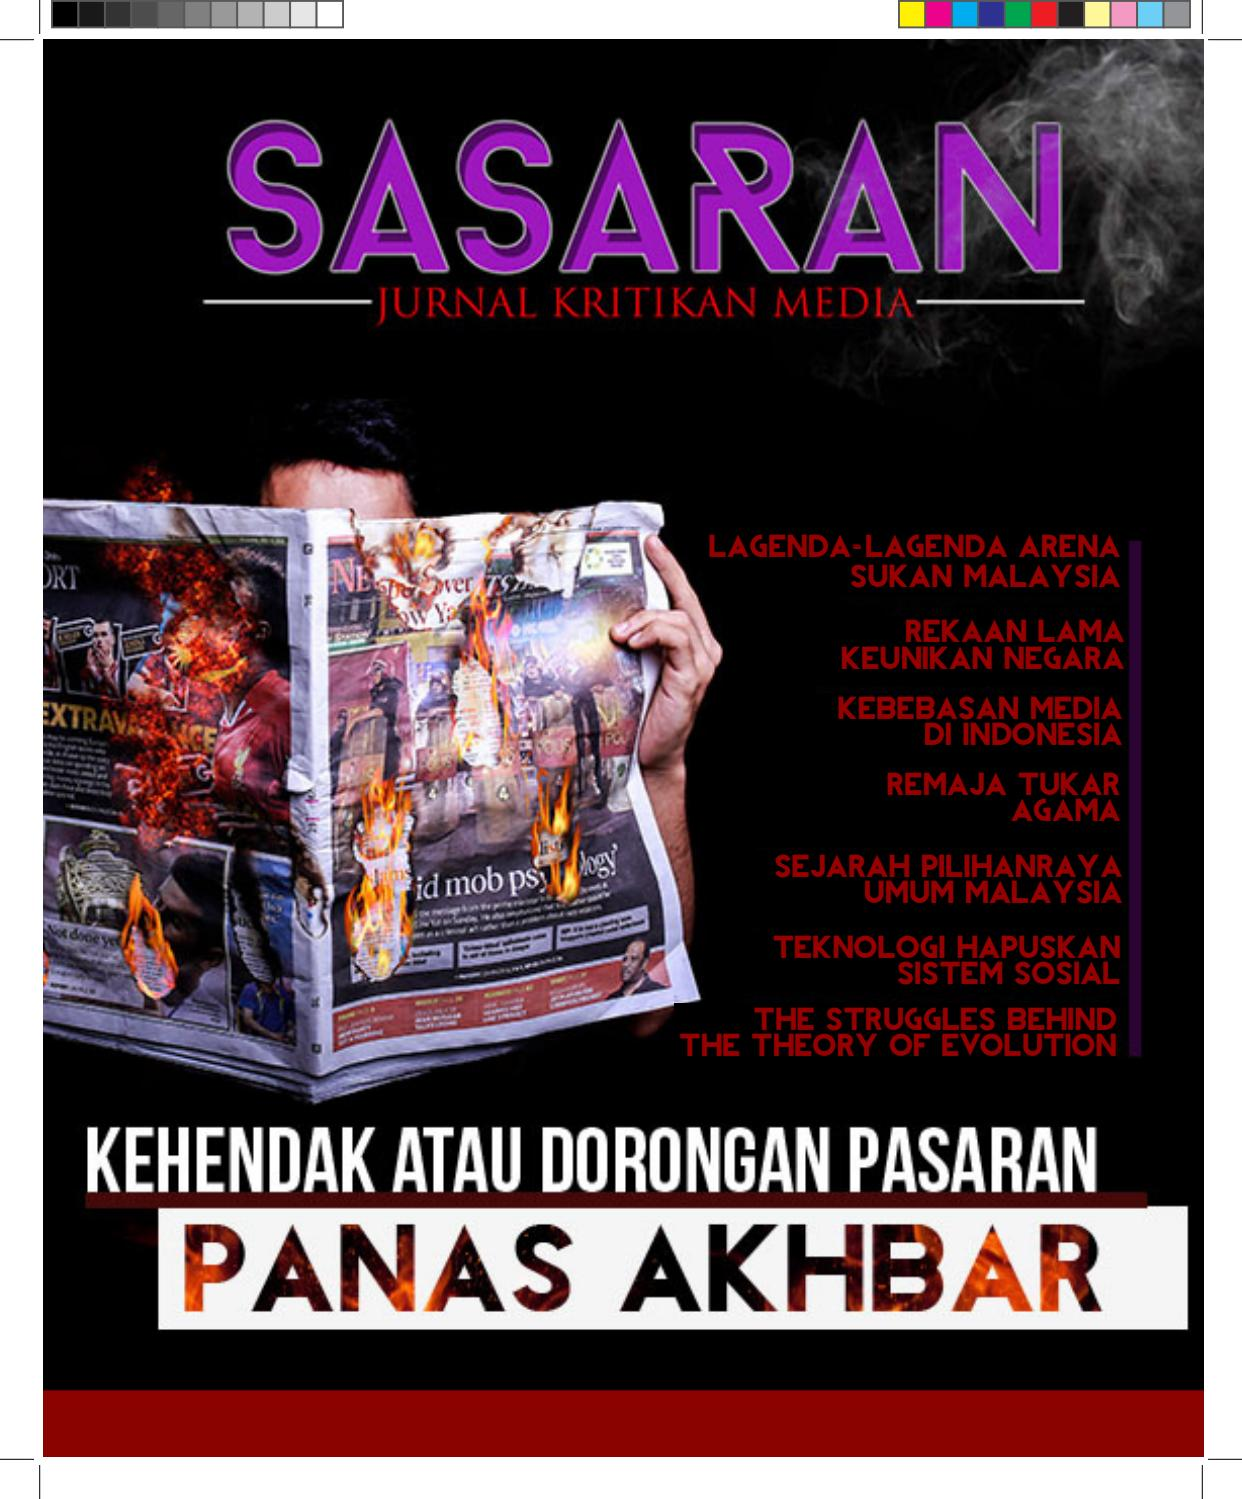 tempat Dating Ménarik di Selangor sont l'un des jolis petits menteurs Cast datant de la vie réelle